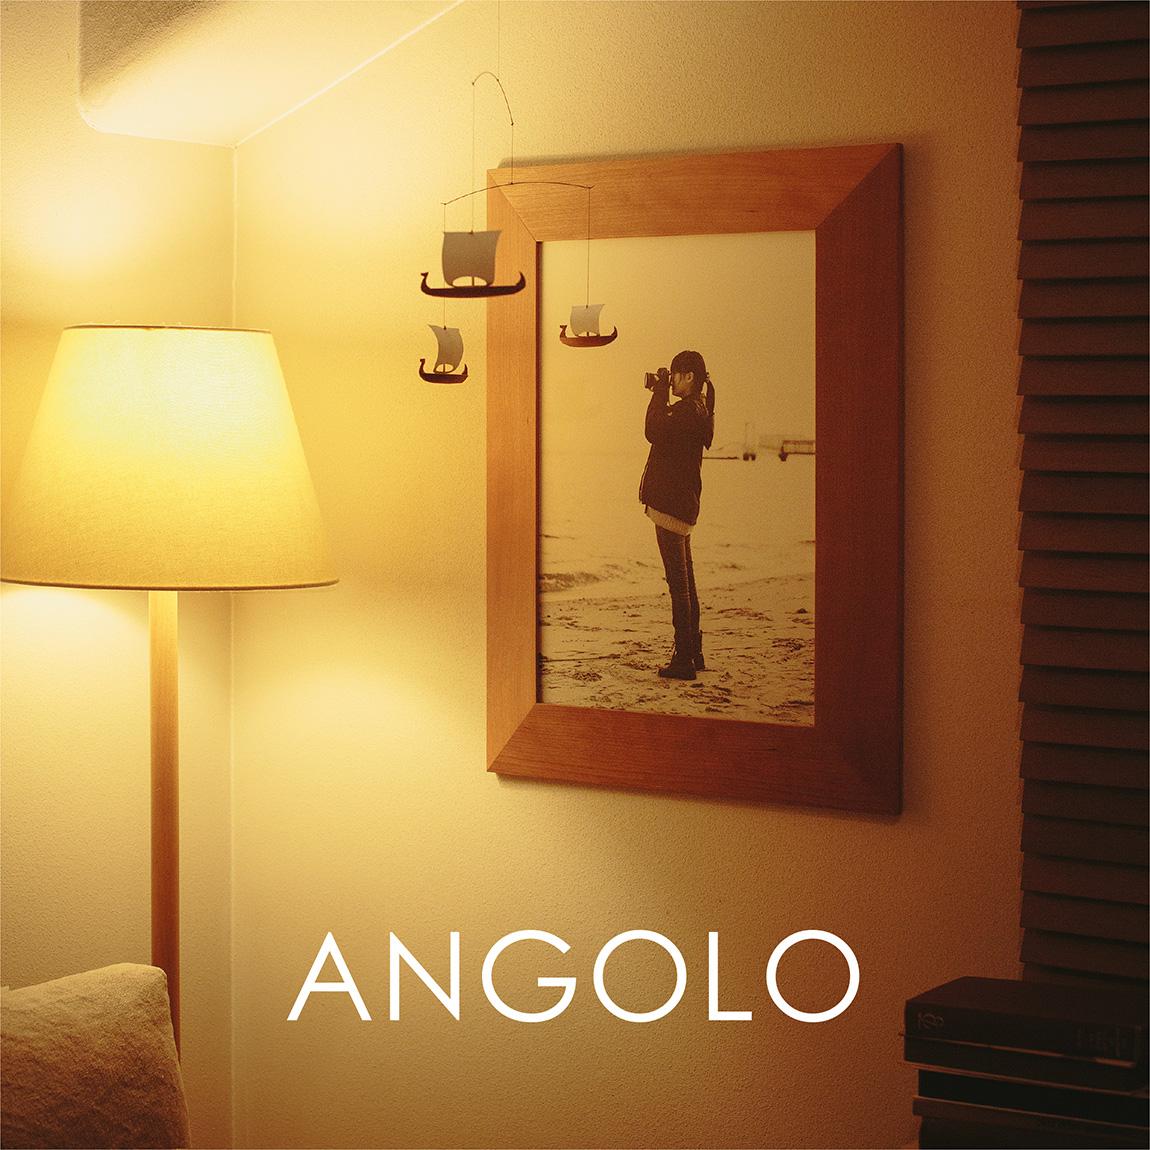 ANGOLO A3 cherry